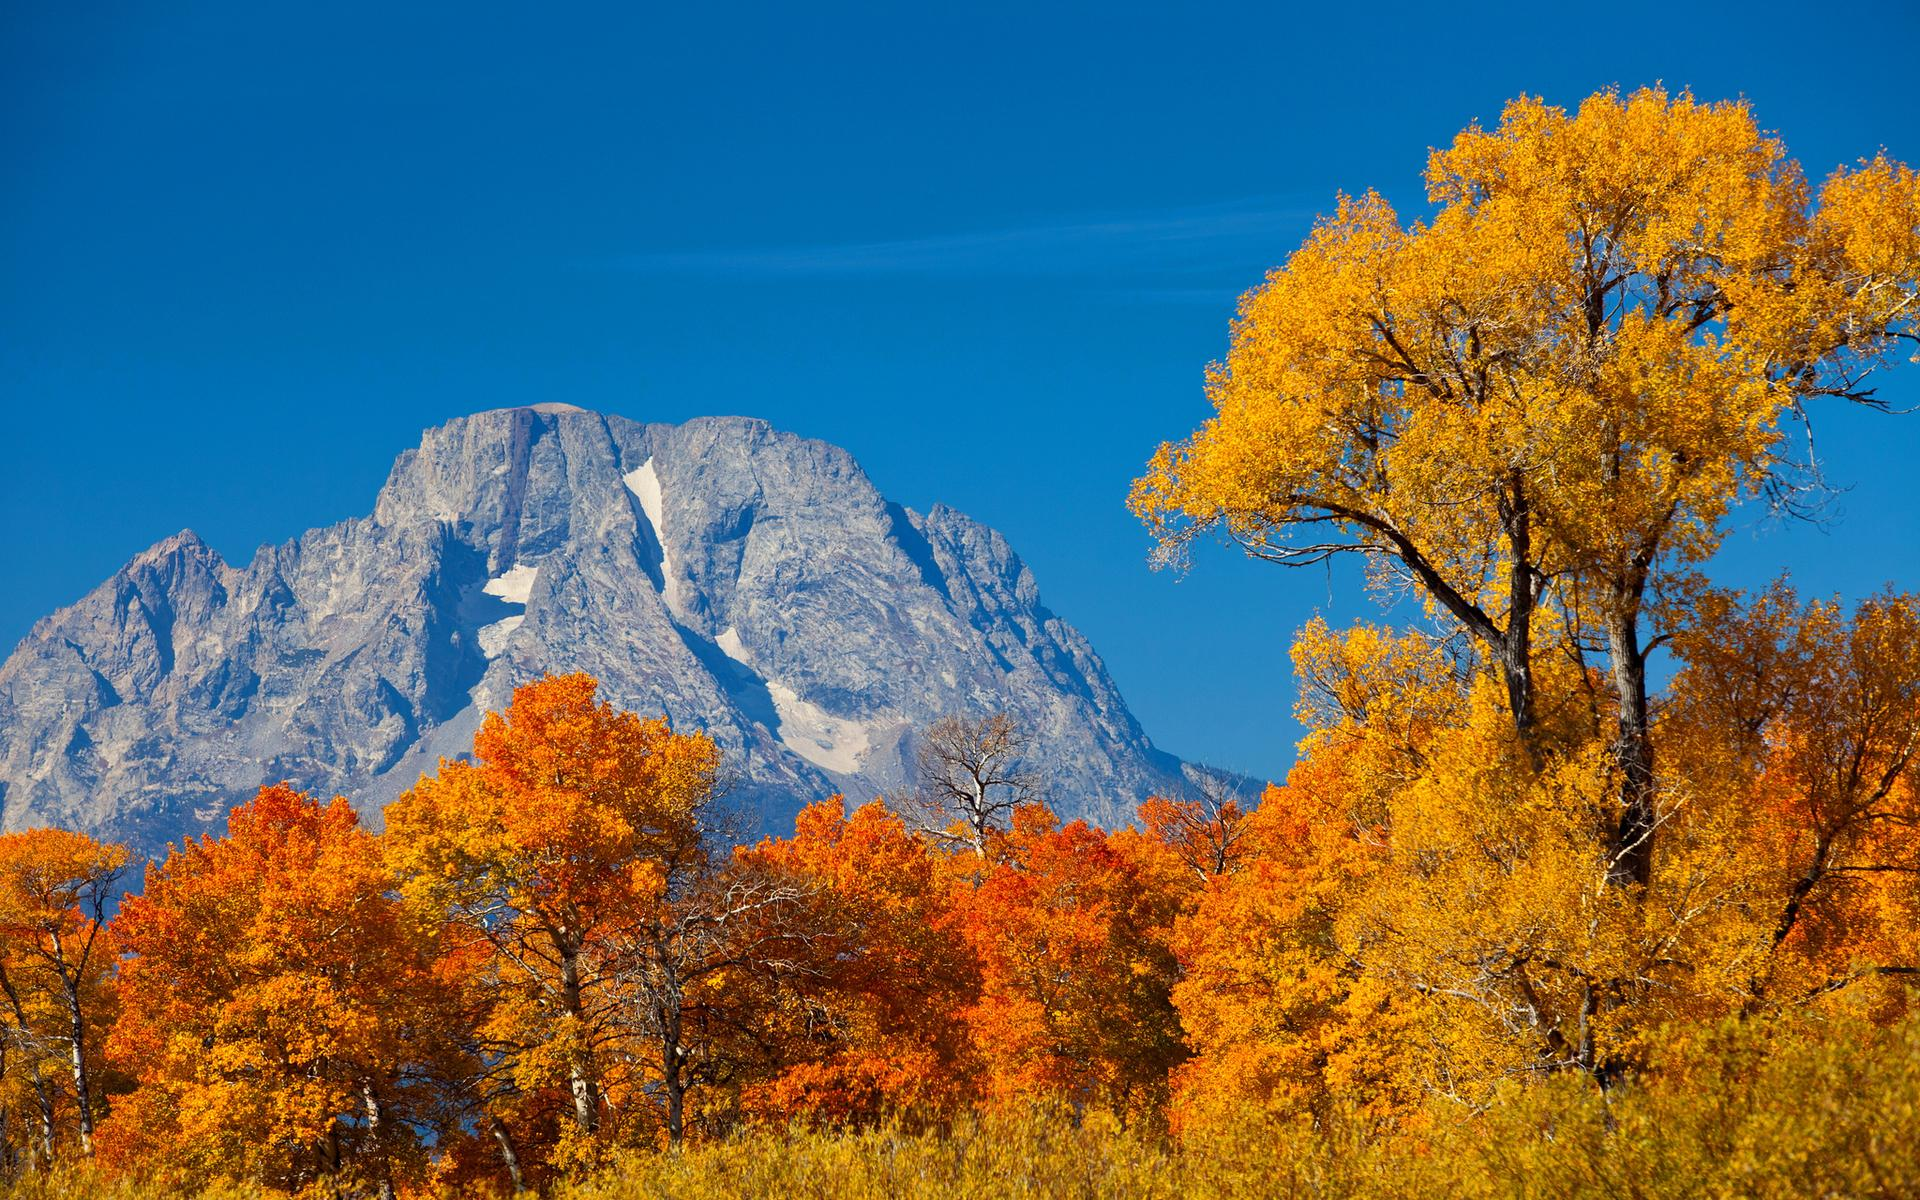 唯美秋季风景小清新高清桌面壁纸